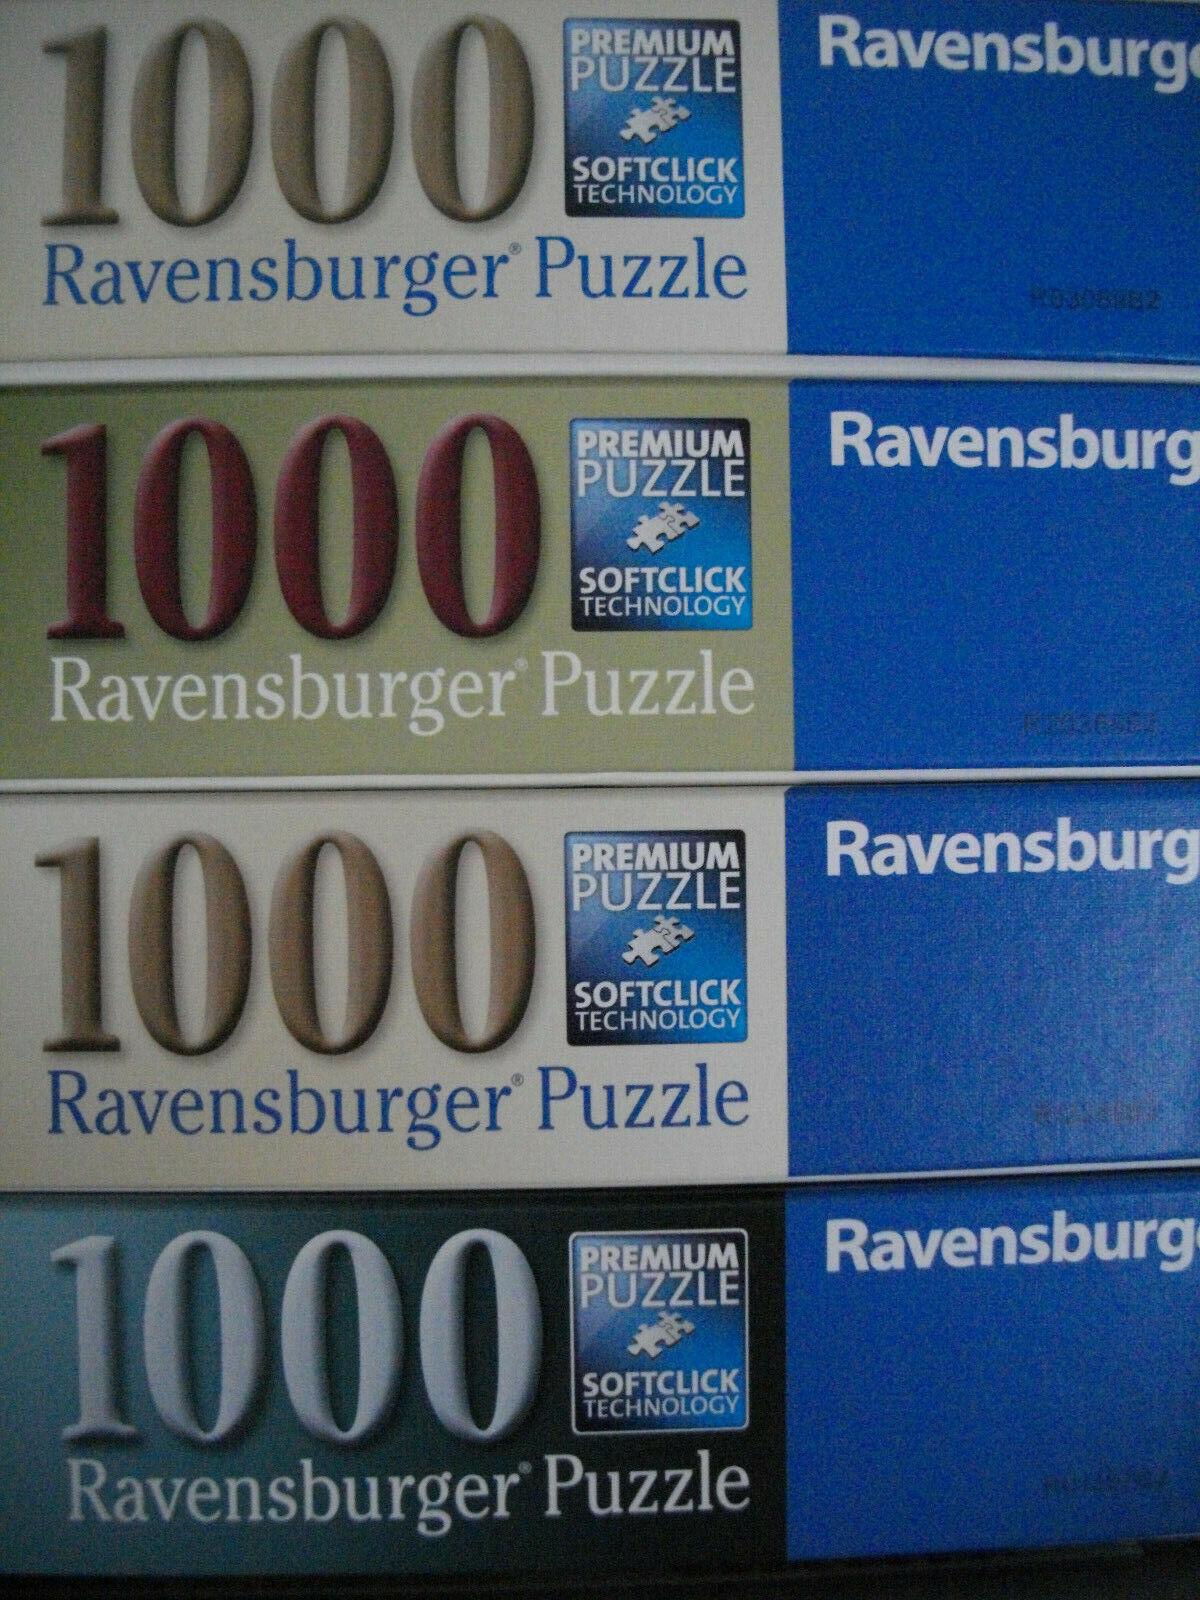 Ravensburger Puzzle 1000 Teile Motive ab 2015 und Neuheiten